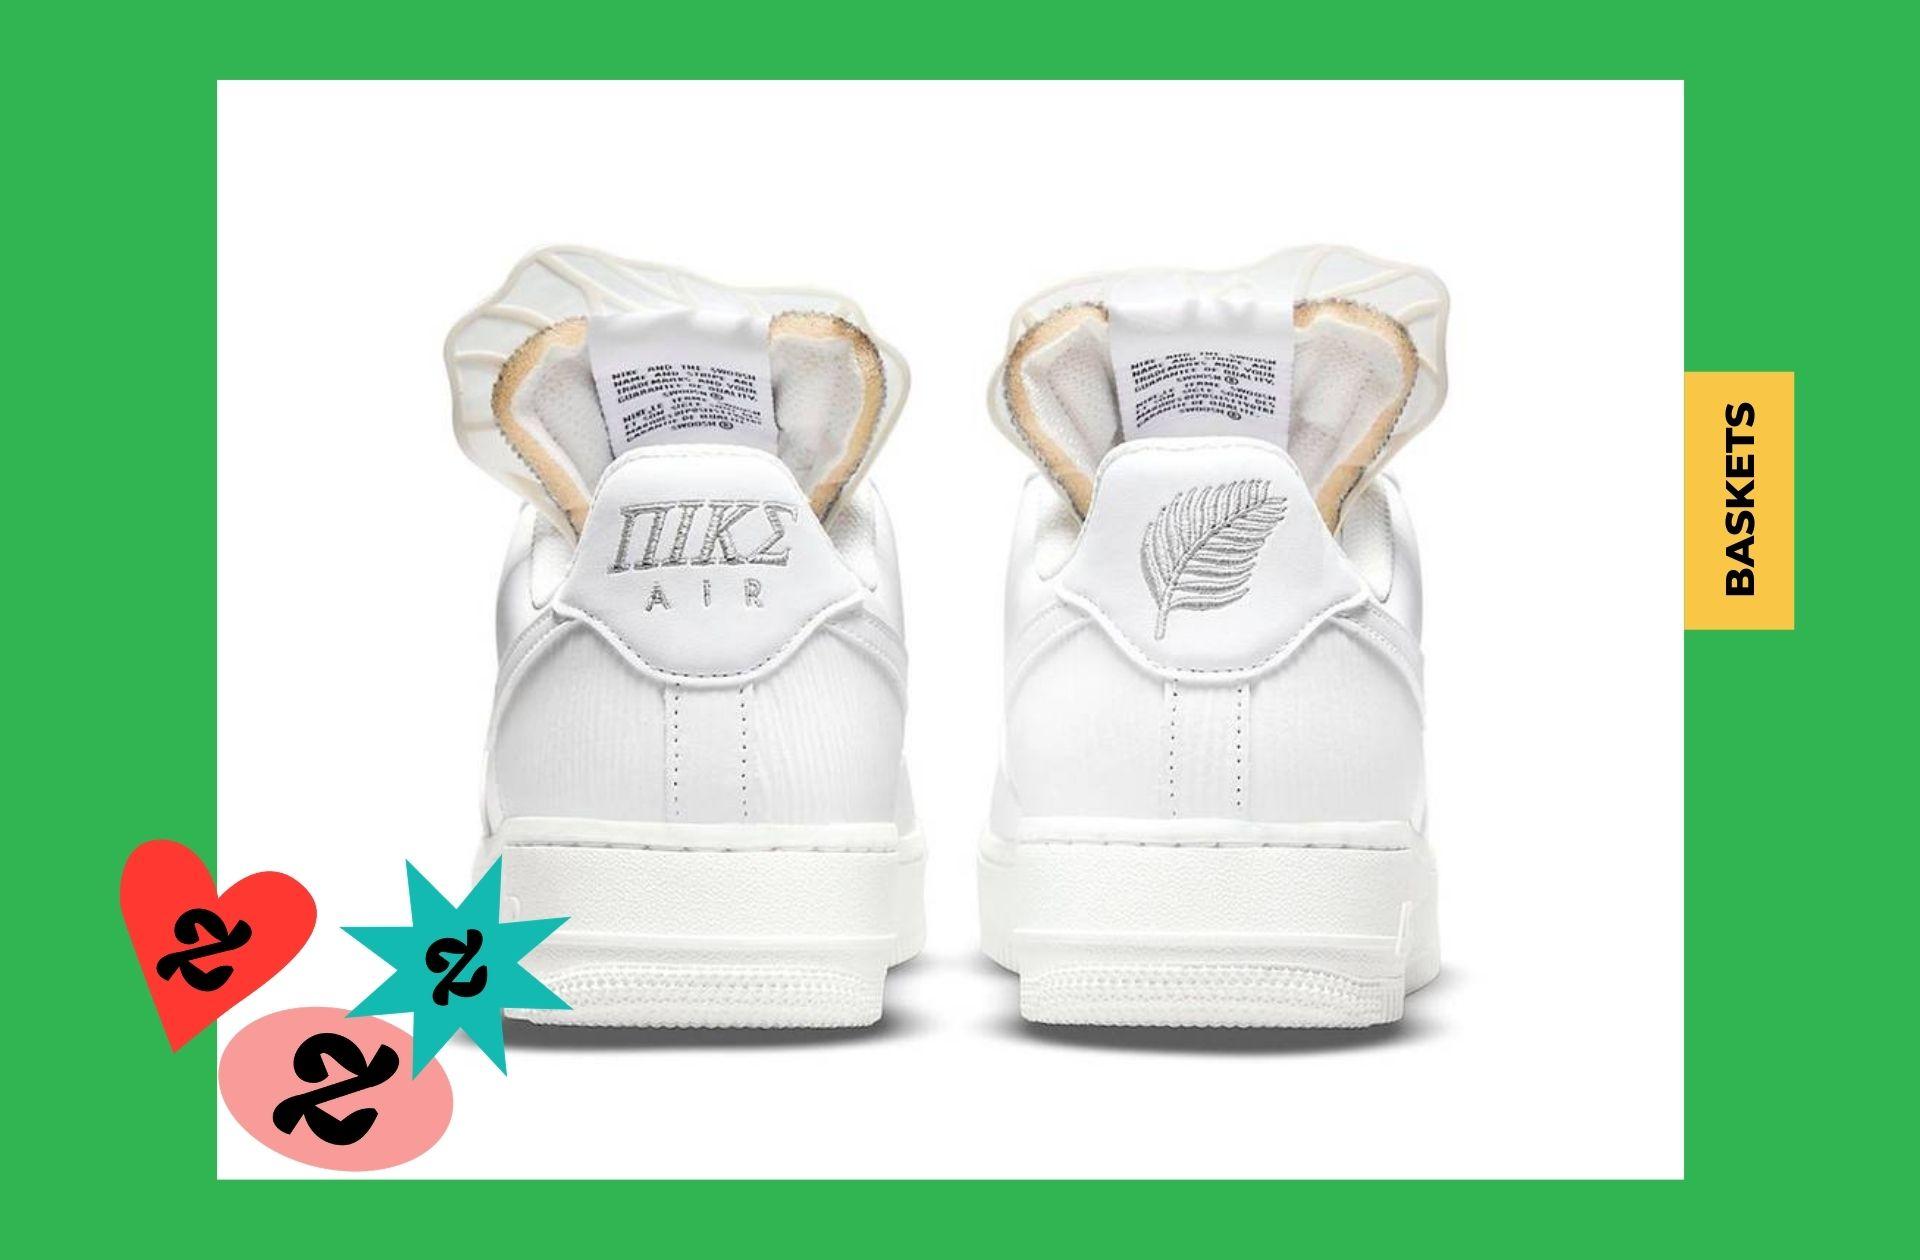 Nike rend hommage à la déesse grecque du même nom... sans se soucier de l'orthographe grecque, OKLM